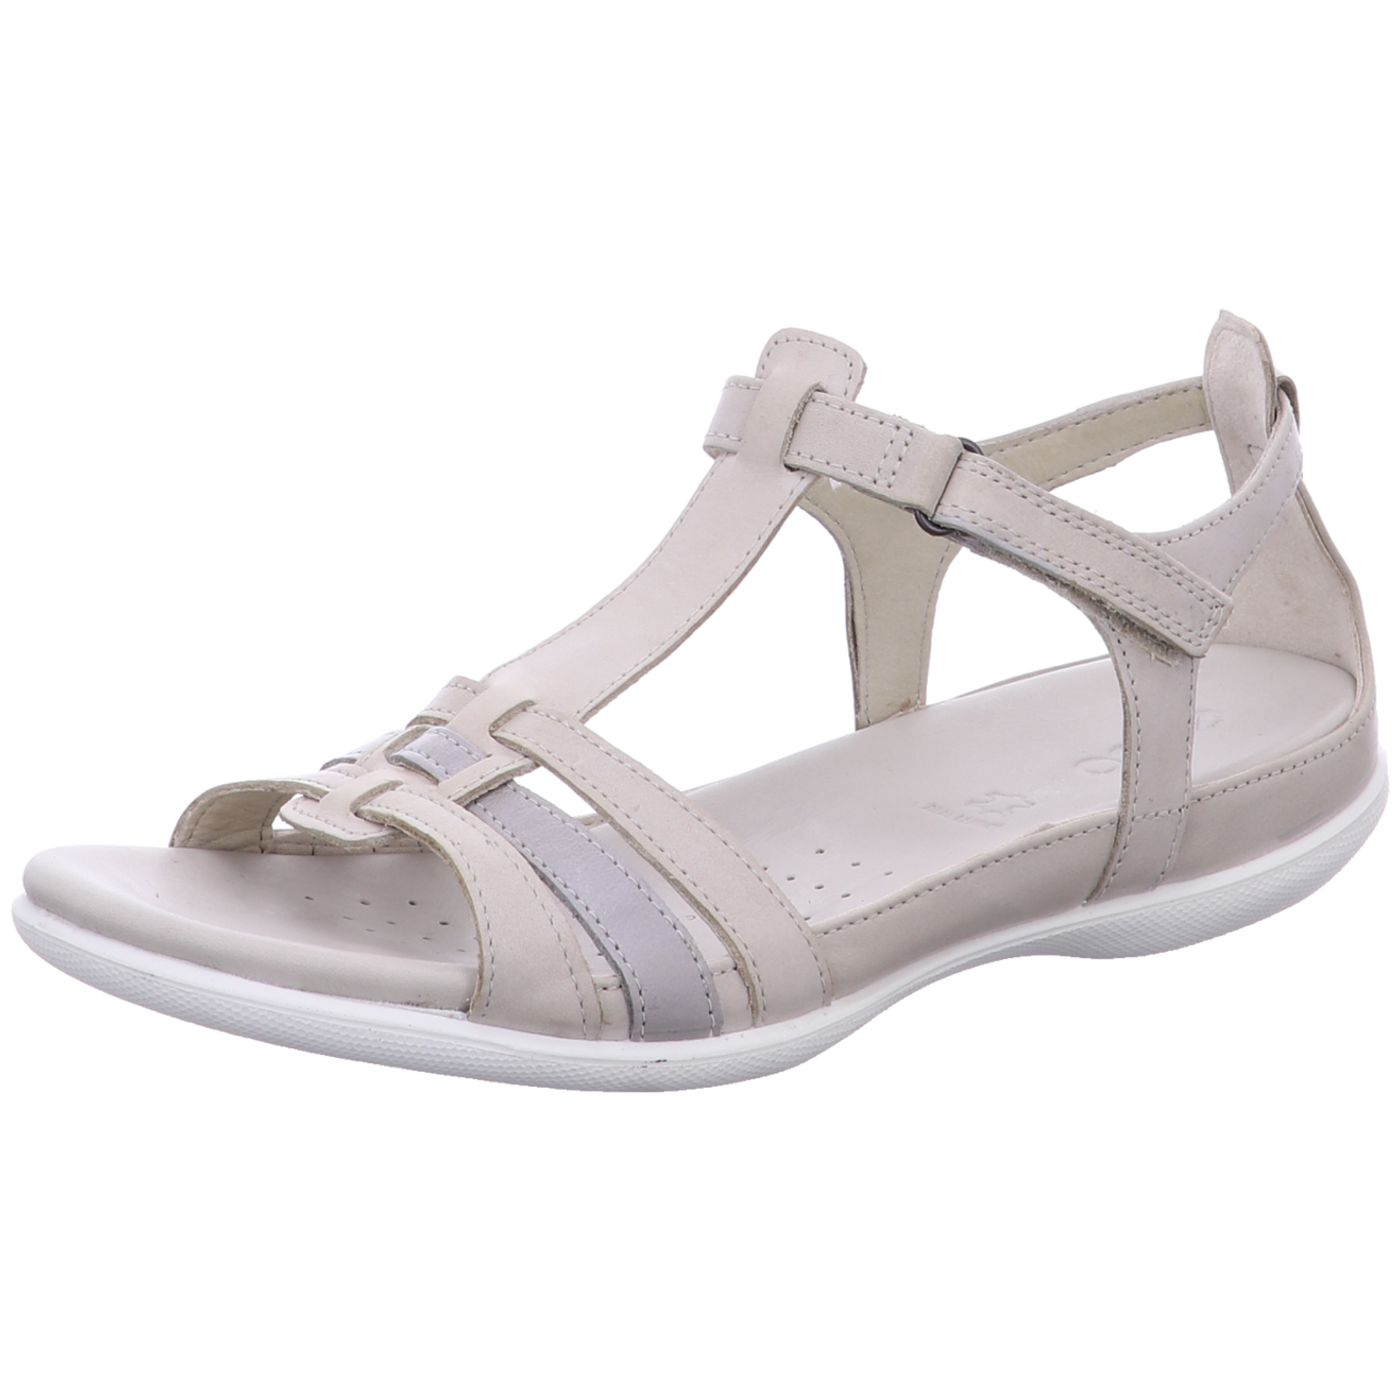 Ecco 95 Für Flash Sandale 99 XiOlkwPZTu